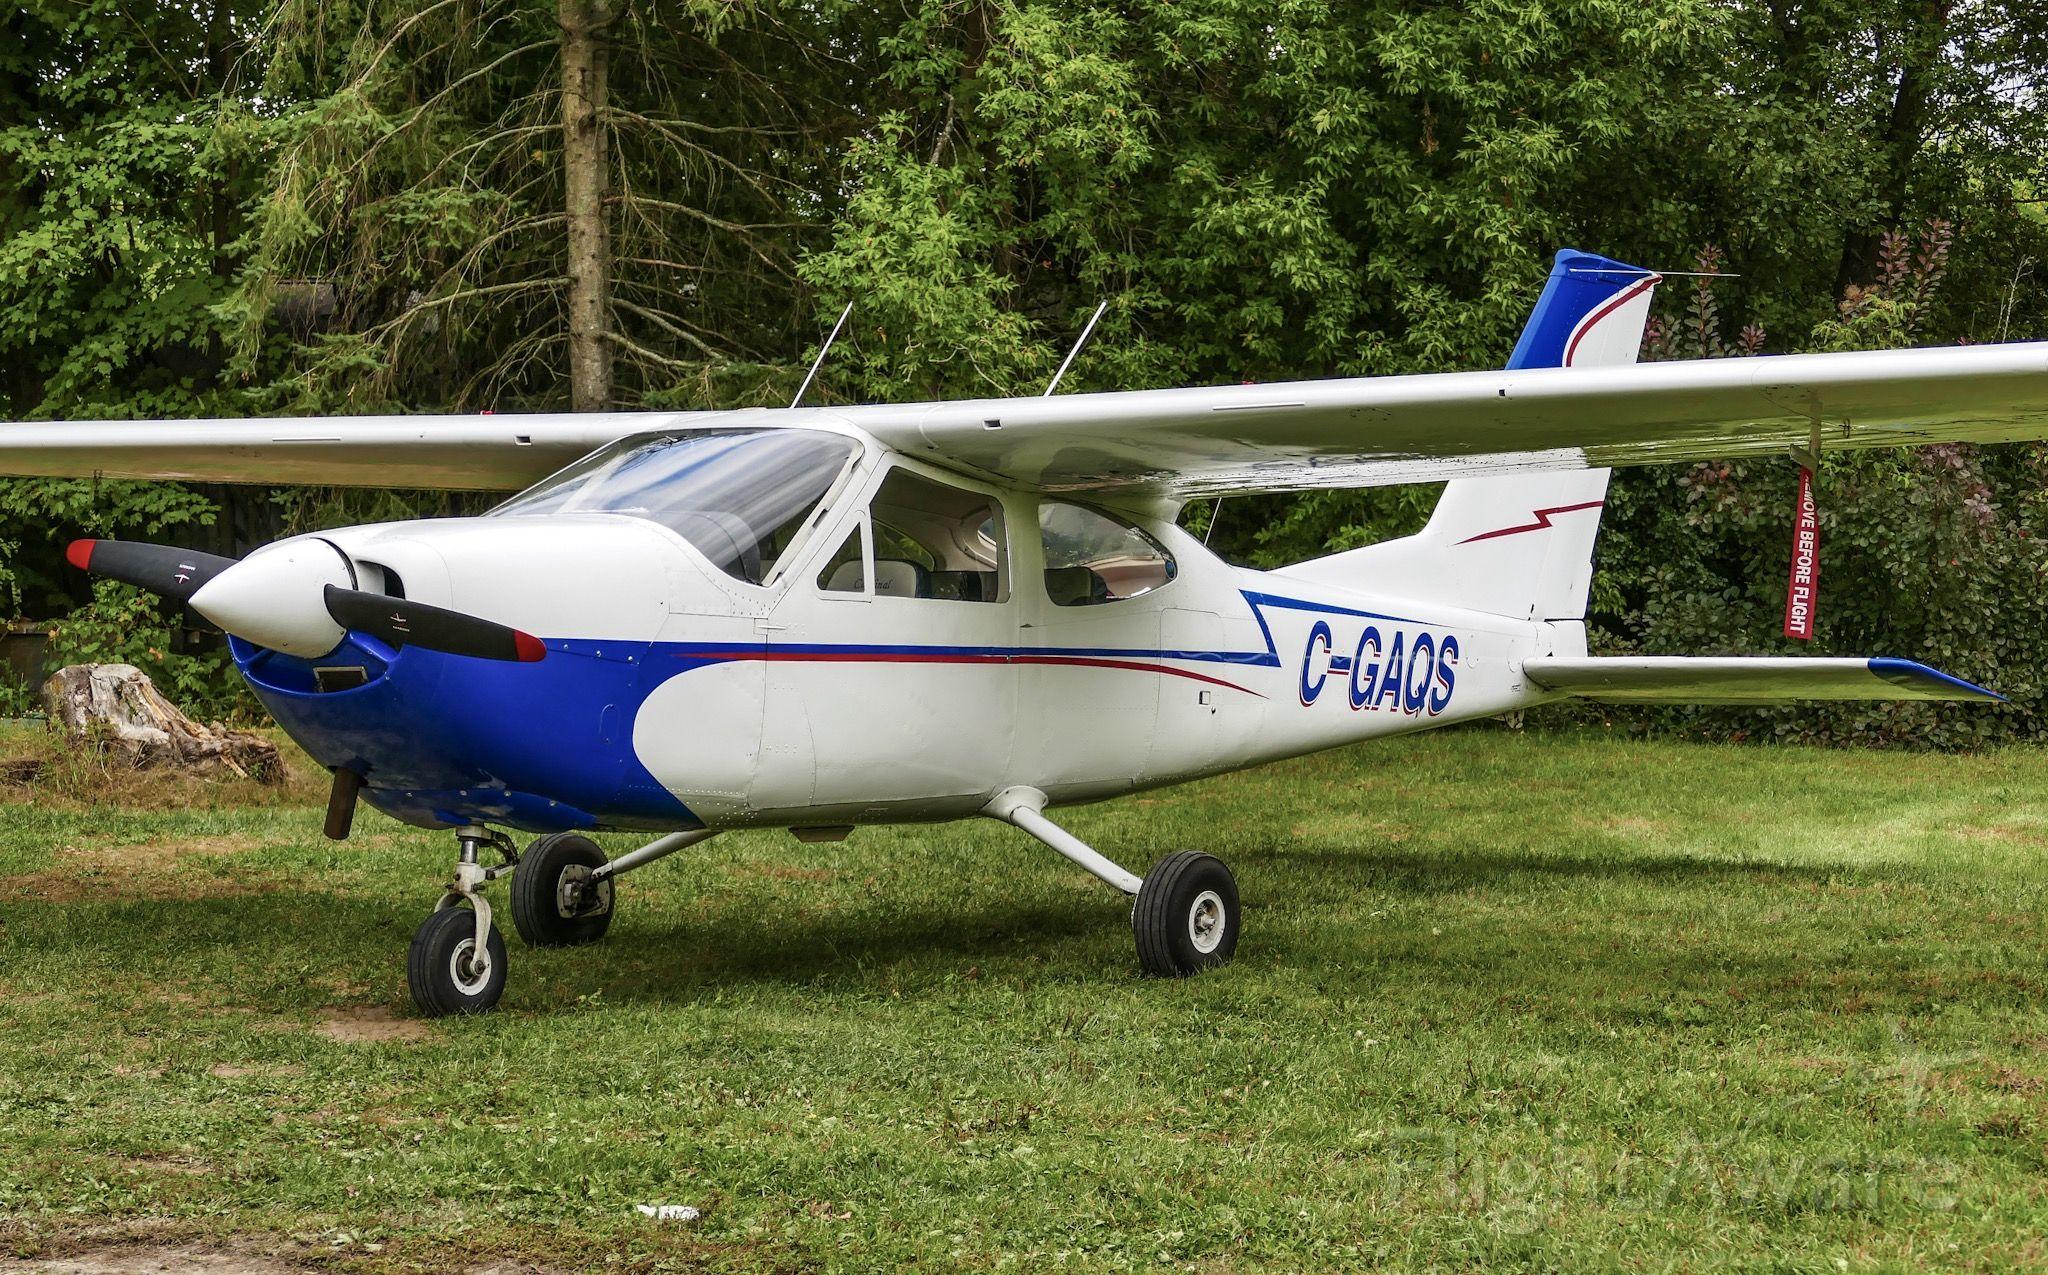 Cessna Cardinal (C-GAQS)